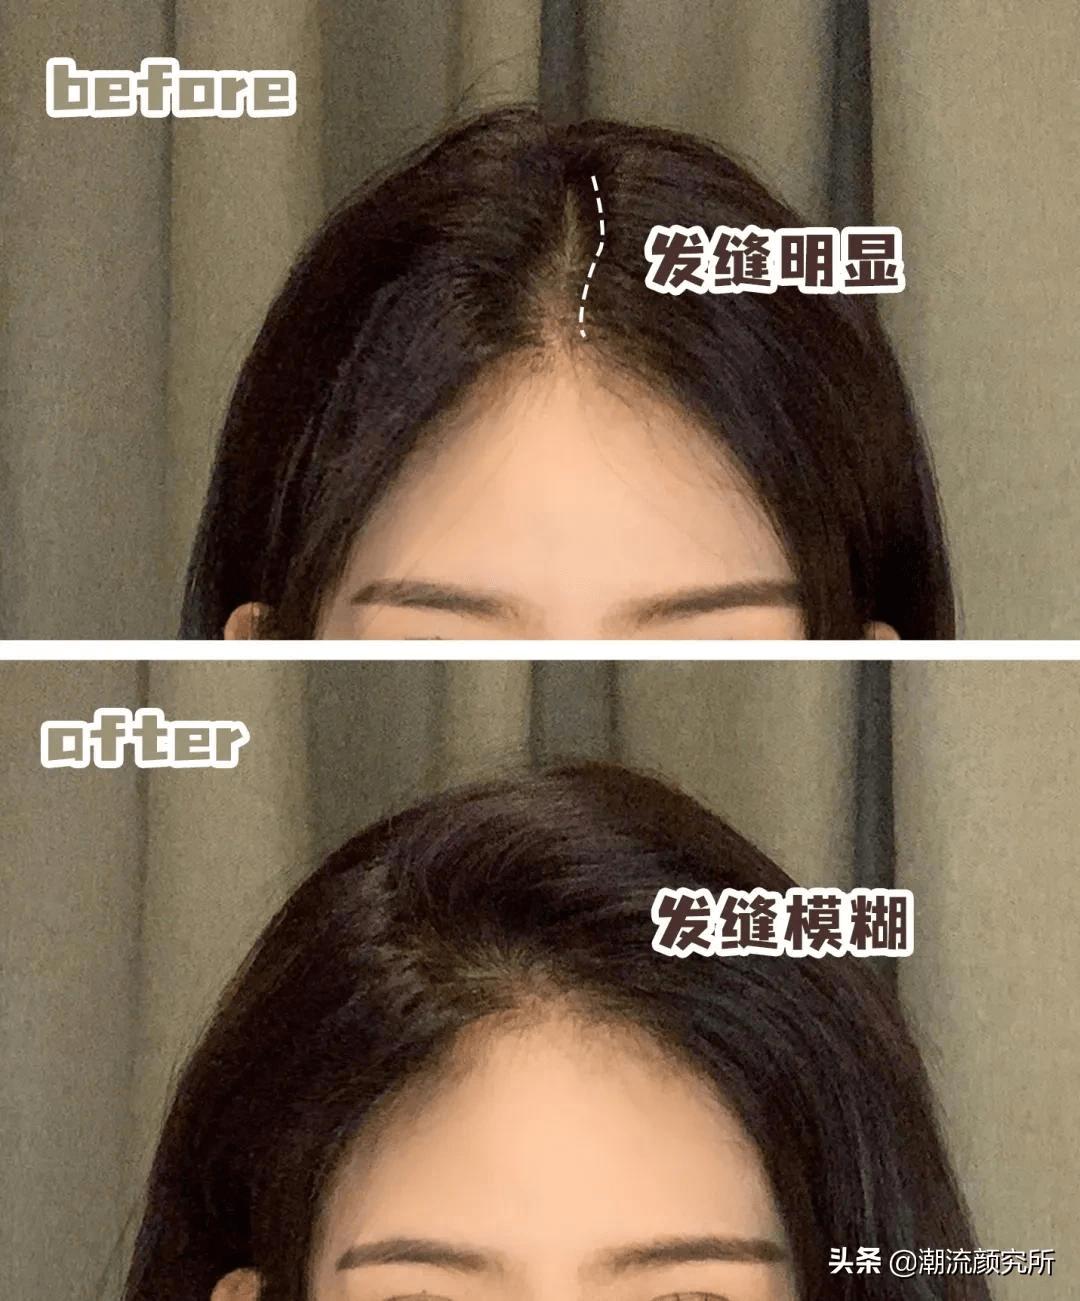 Giấu ngôi tóc: Chiêu hack tuổi cực hay cho hội chị em, tóc dài hay ngắn đều áp dụng được - Ảnh 4.